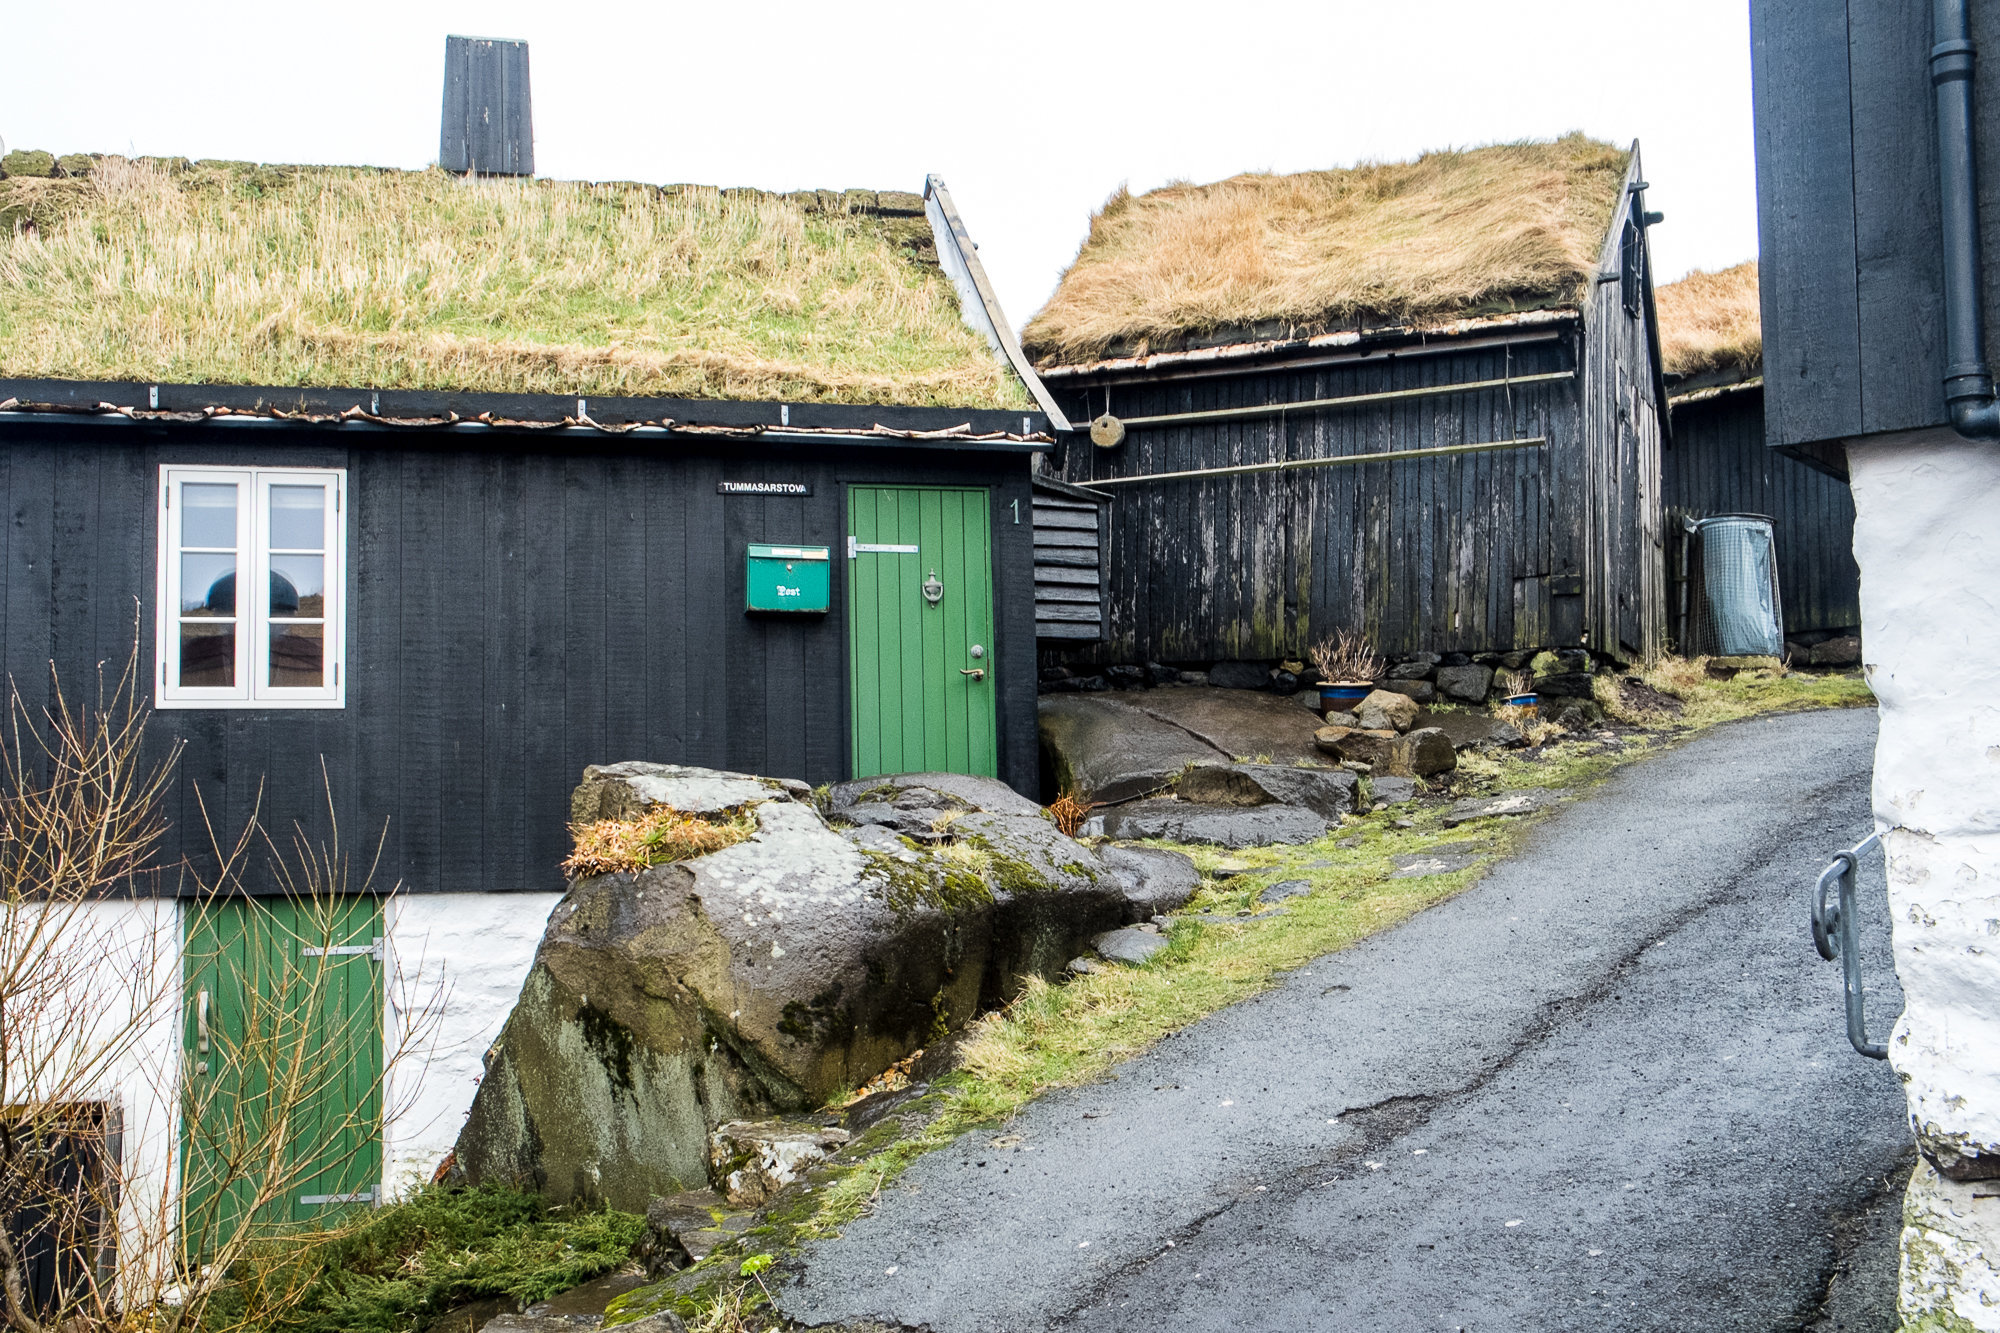 Faroe_Islands-9904.JPG